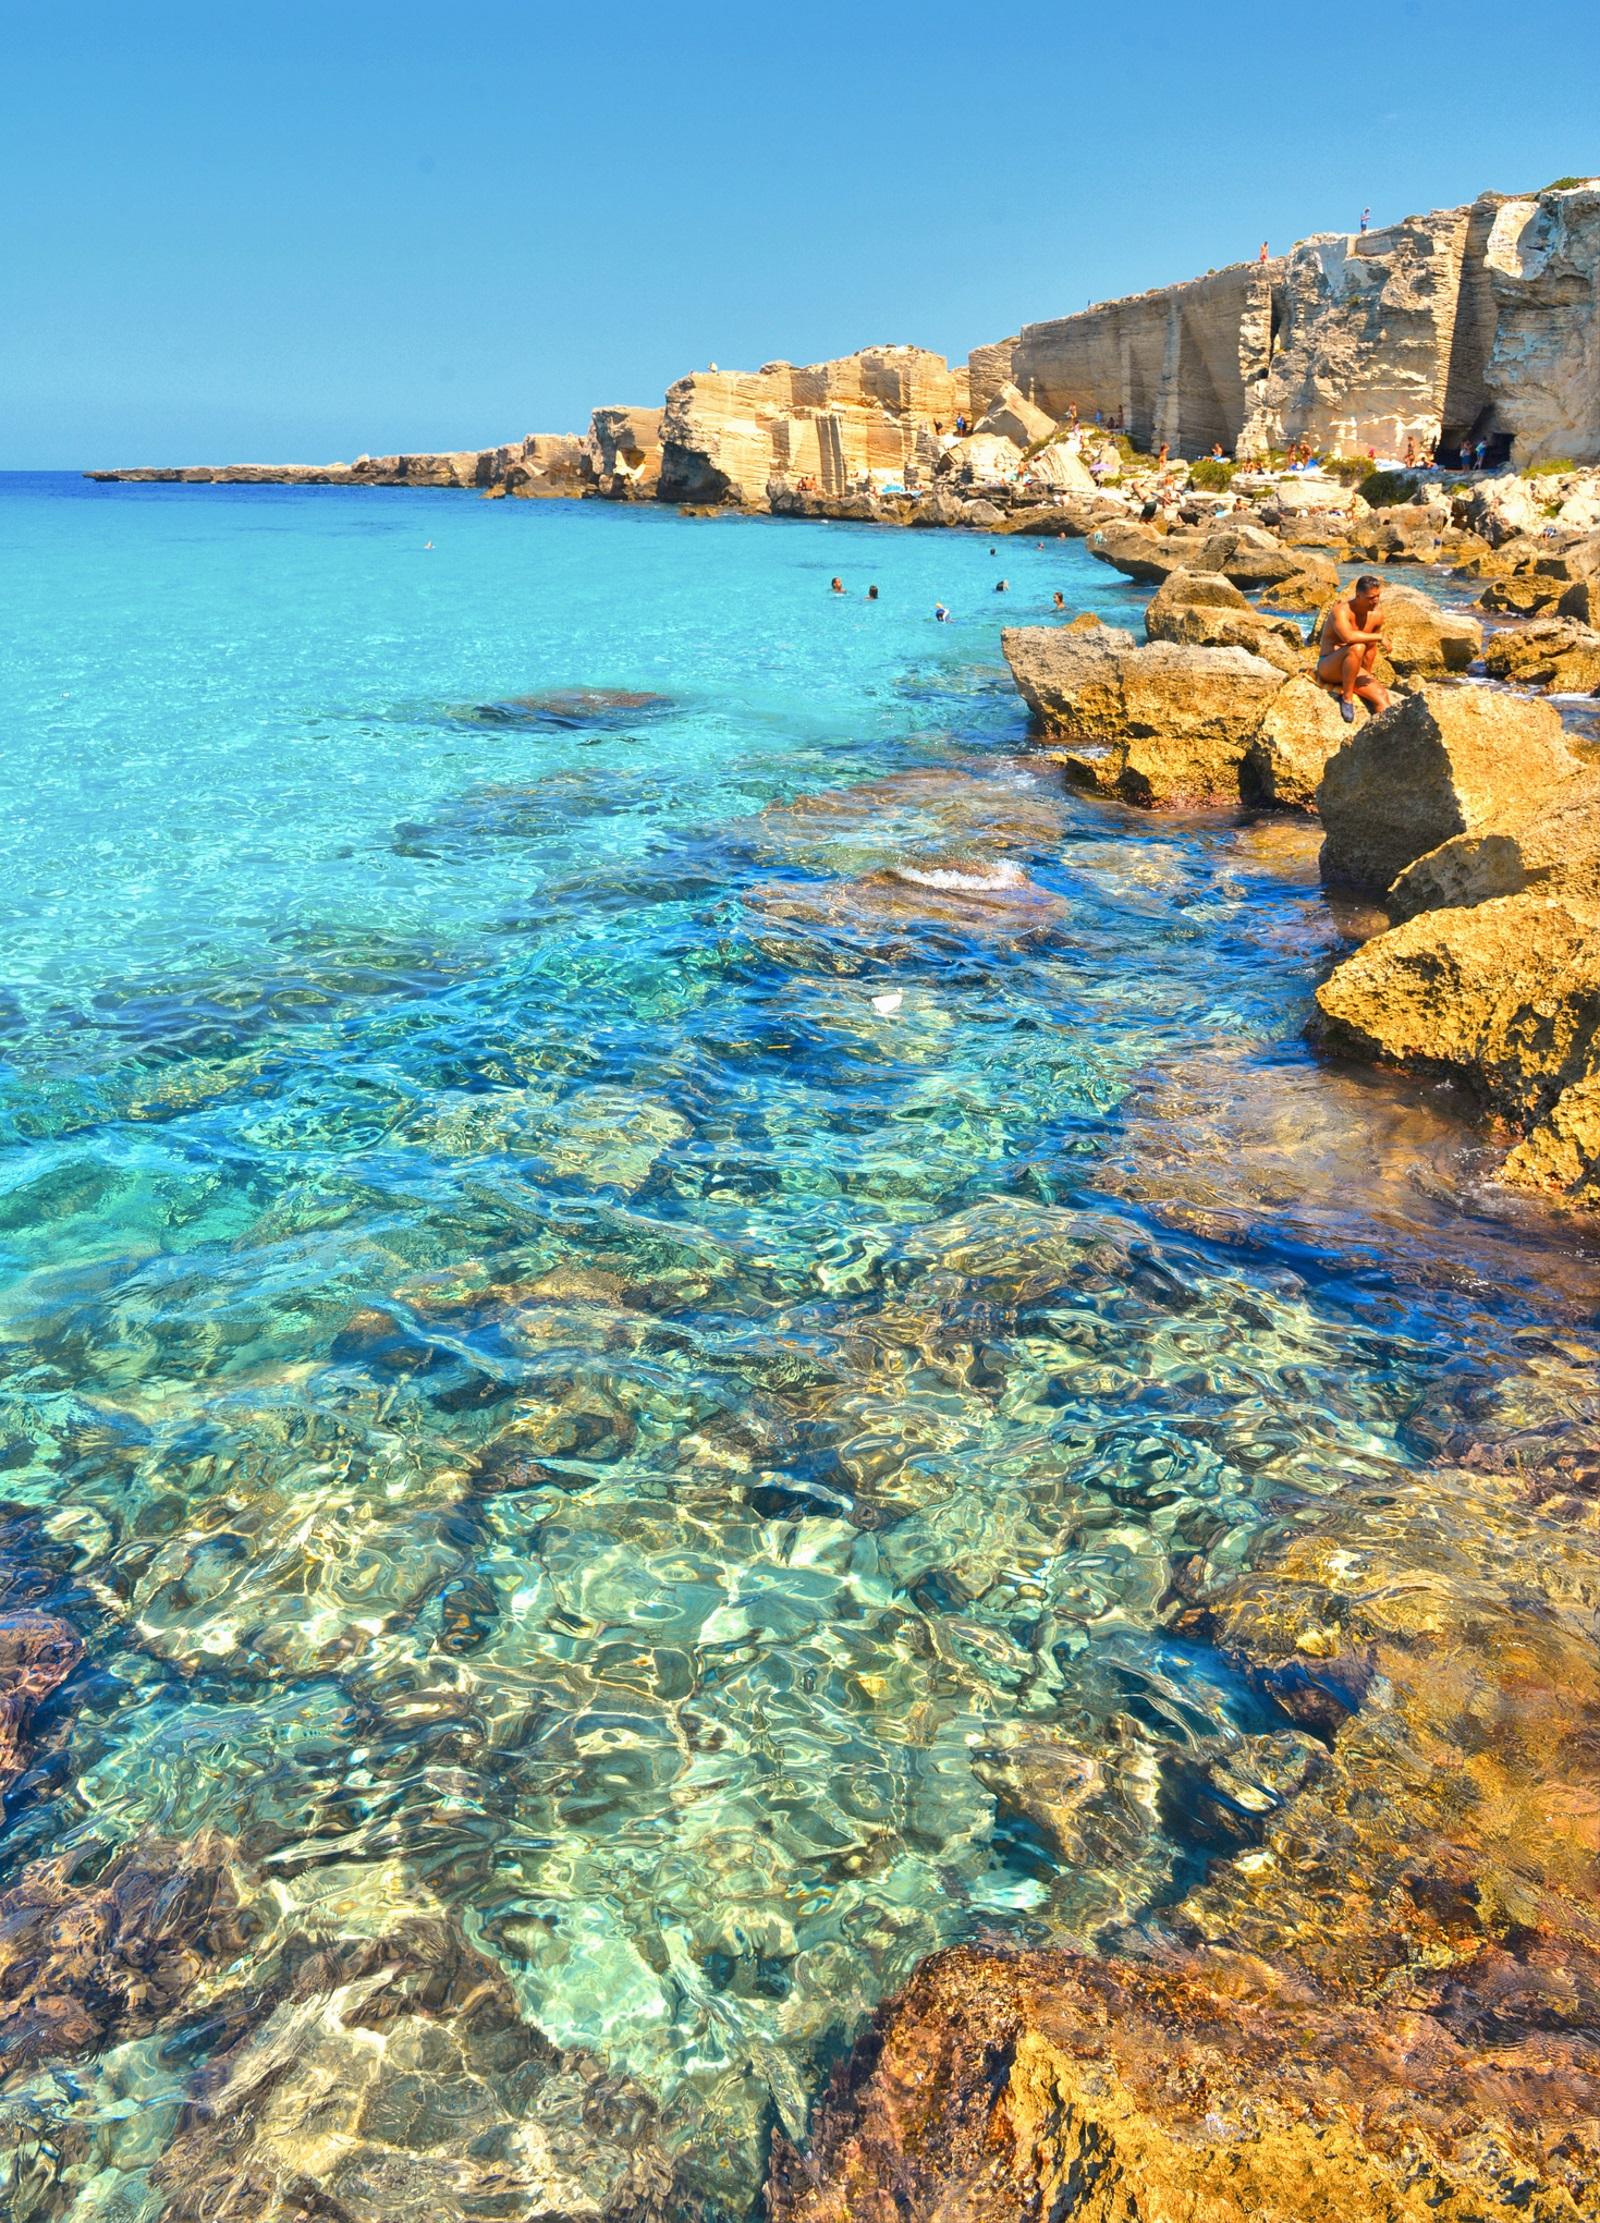 <p>Казват, че веднъж бил ли си на този остров - трудно може да искаш да отидеш другаде. Фавиняна е най-големият от трите&nbsp;Егадски&nbsp;острова (заедно с&nbsp;Леванцо и Маретимо), намиращи се в&nbsp;Средиземно море&nbsp;до северозападния бряг на&nbsp;Сицилия, близо до град&nbsp;Трапани, с обща площ 37,45 кв. км. Погледнат отвисоко, островът прилича на пеперуда, разперила крила. Най-известният&nbsp;плаж на&nbsp;Фавиняна&nbsp;е&nbsp;Кала Роса, известен с кристално сините си води&nbsp;и фактът, че няма пясък. А специалитетът на&nbsp;Фавиняна и основният поминък на хората там е ловът на риба тон.</p>